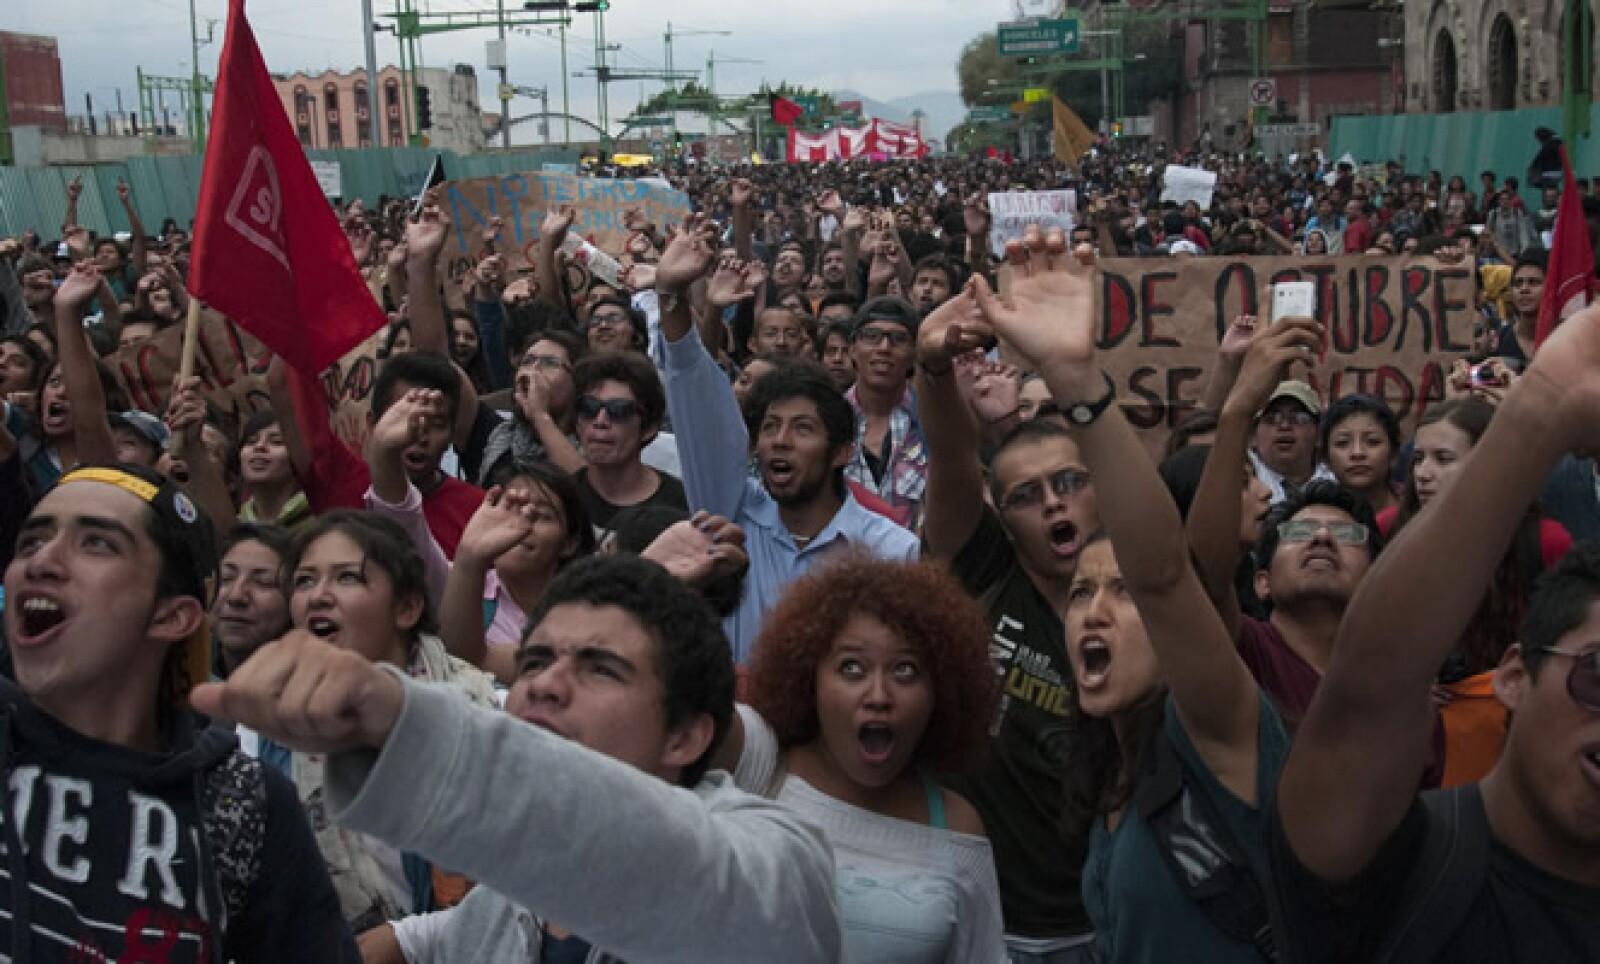 En la marcha por la conmemoración del 46 aniversario de la matanza de Tlatelolco los líderes del movimiento de 1968 aplaudieron las acciones de los alumnos del IPN contra reformas en la institución.